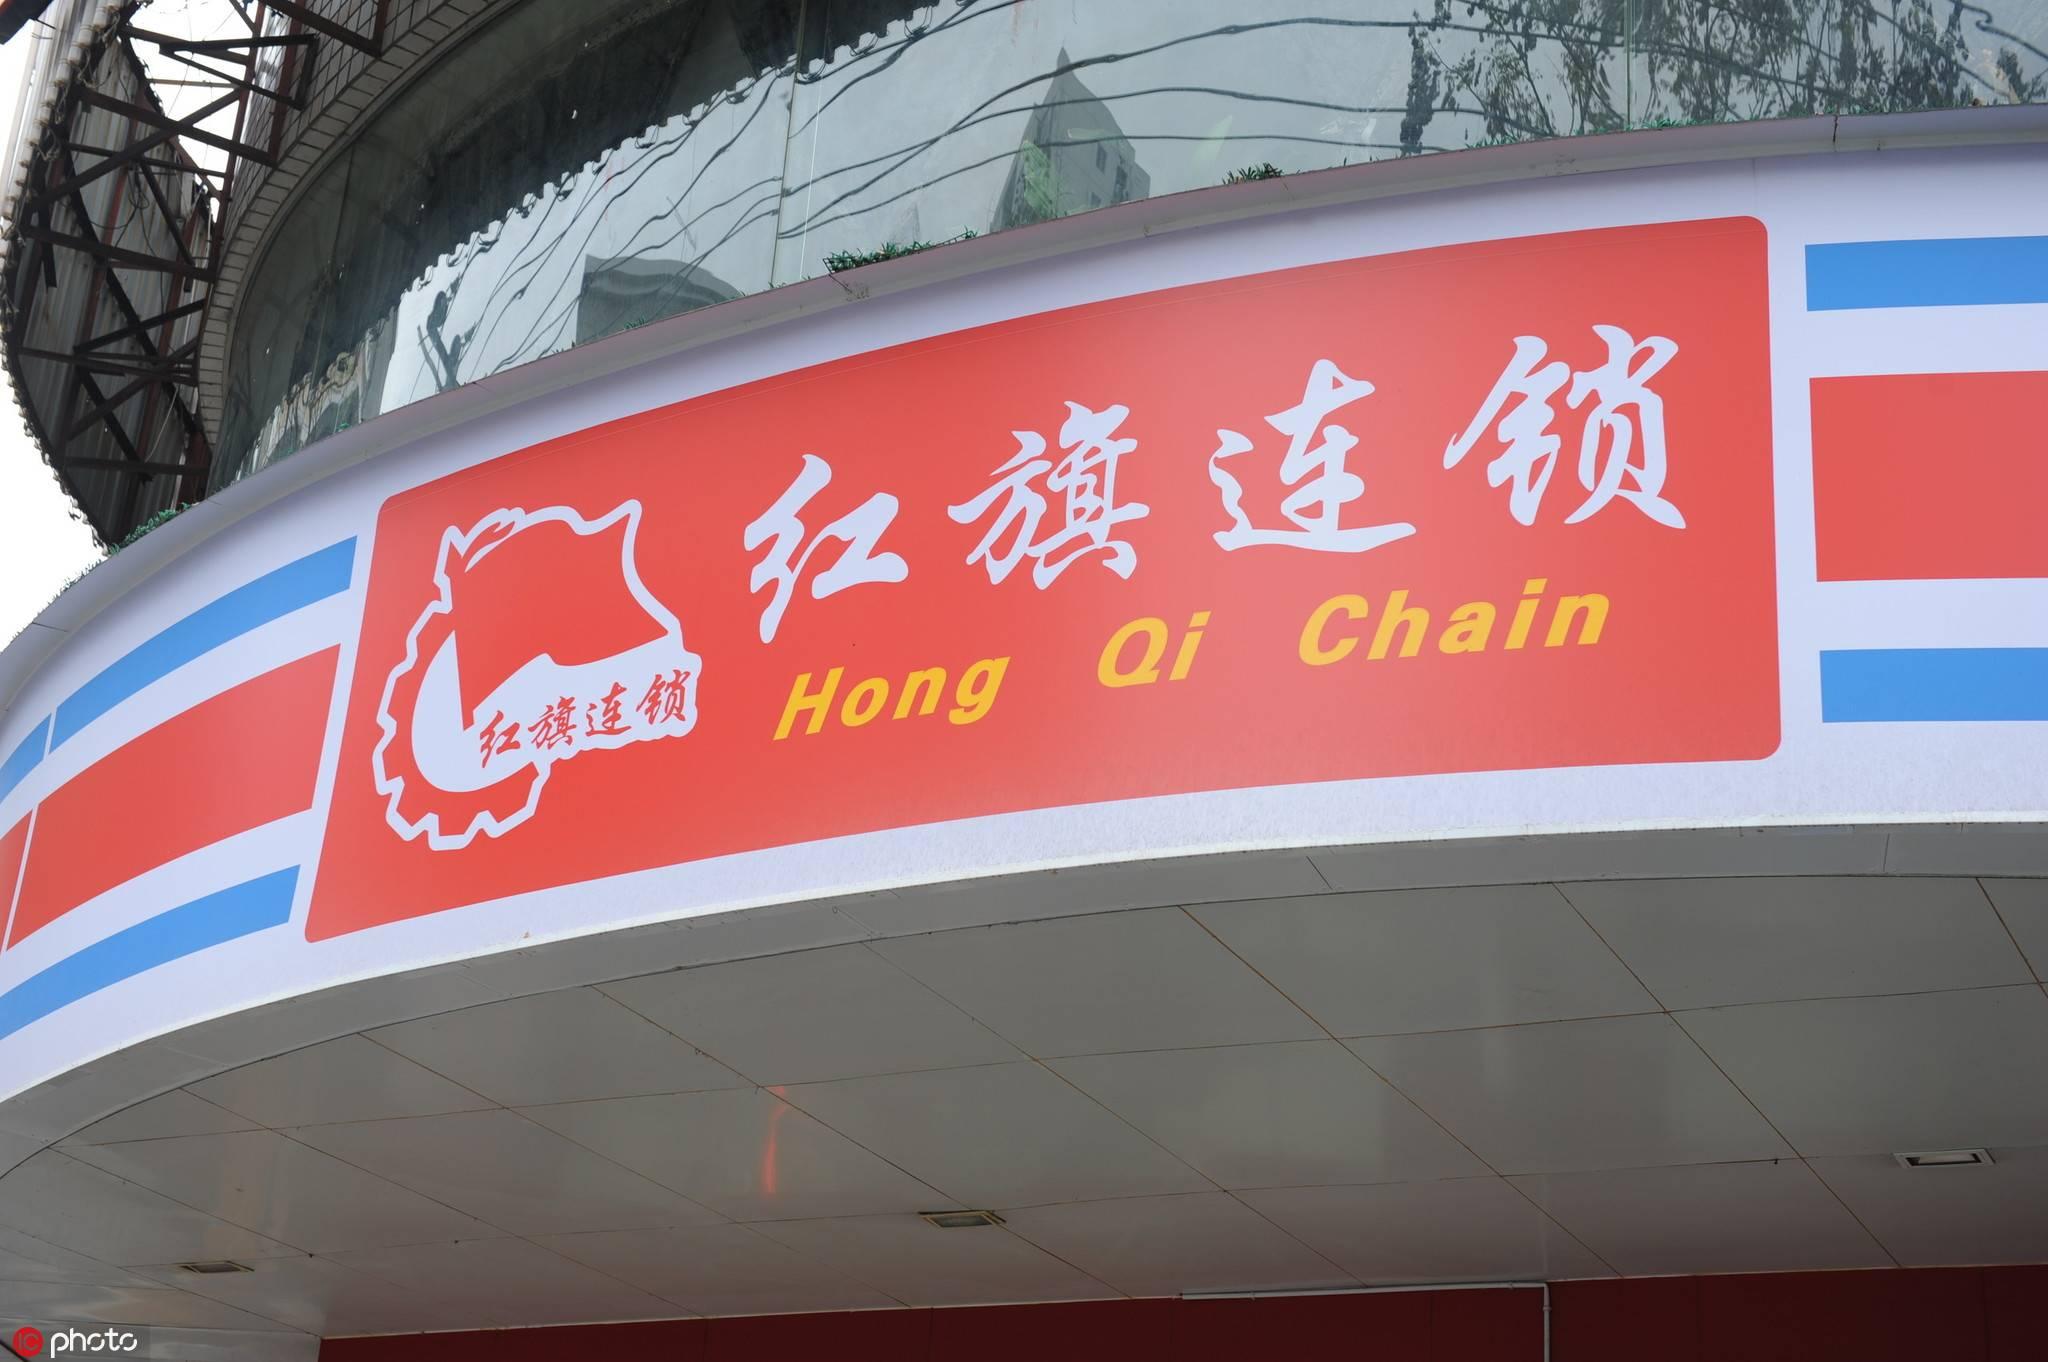 红旗连锁便利店,实体零售,红旗连锁,生鲜,增值服务,便利店